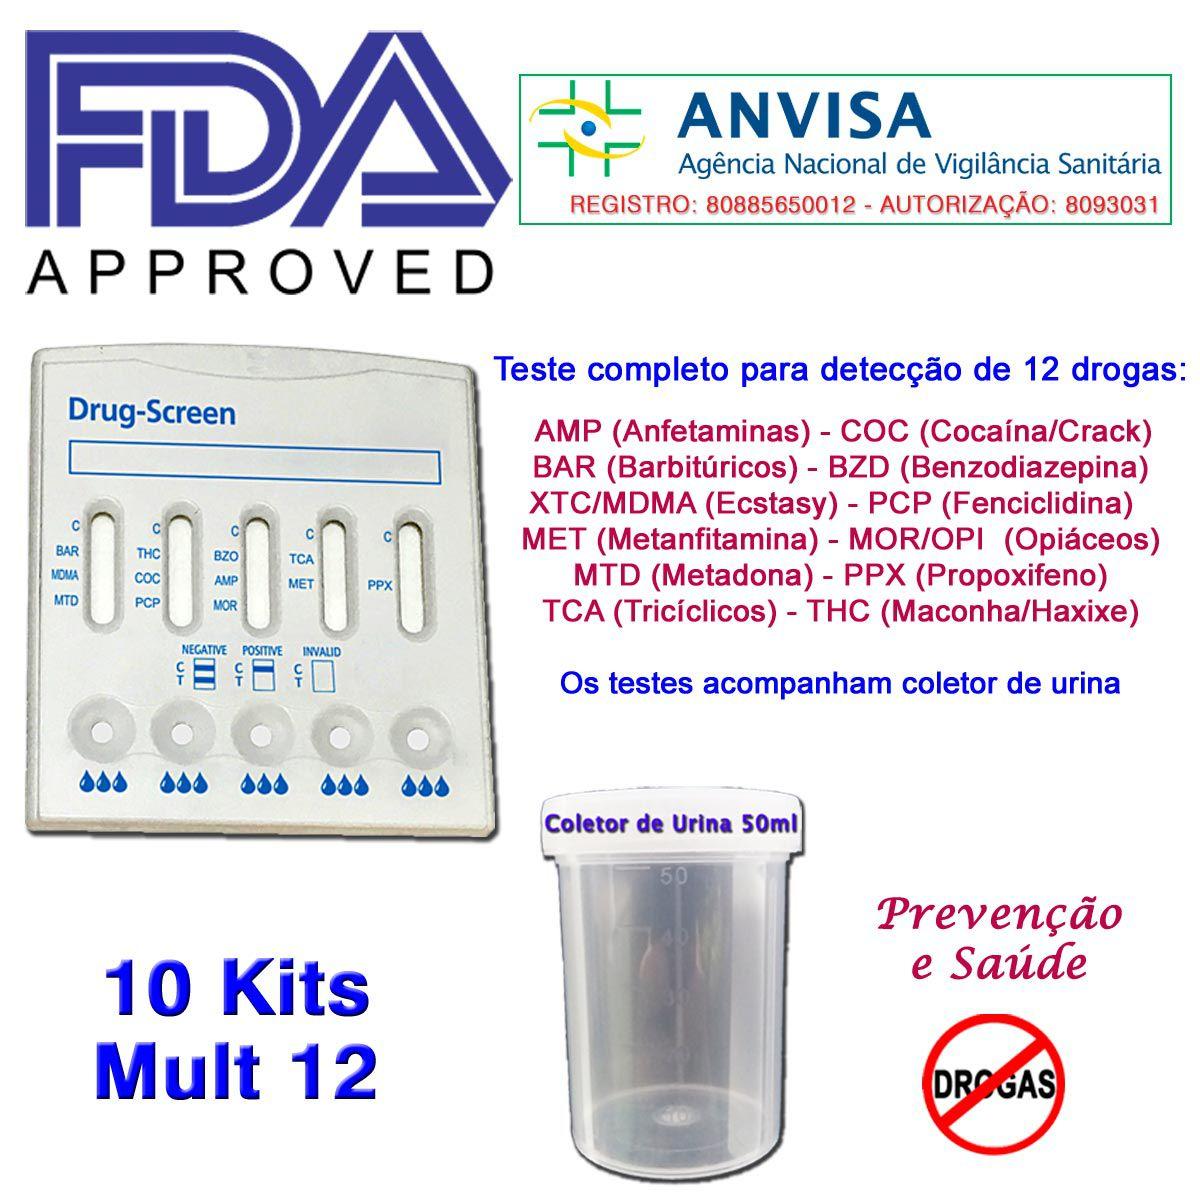 10 Kits para testes de 12 substâncias  - Prevenção e Saúde